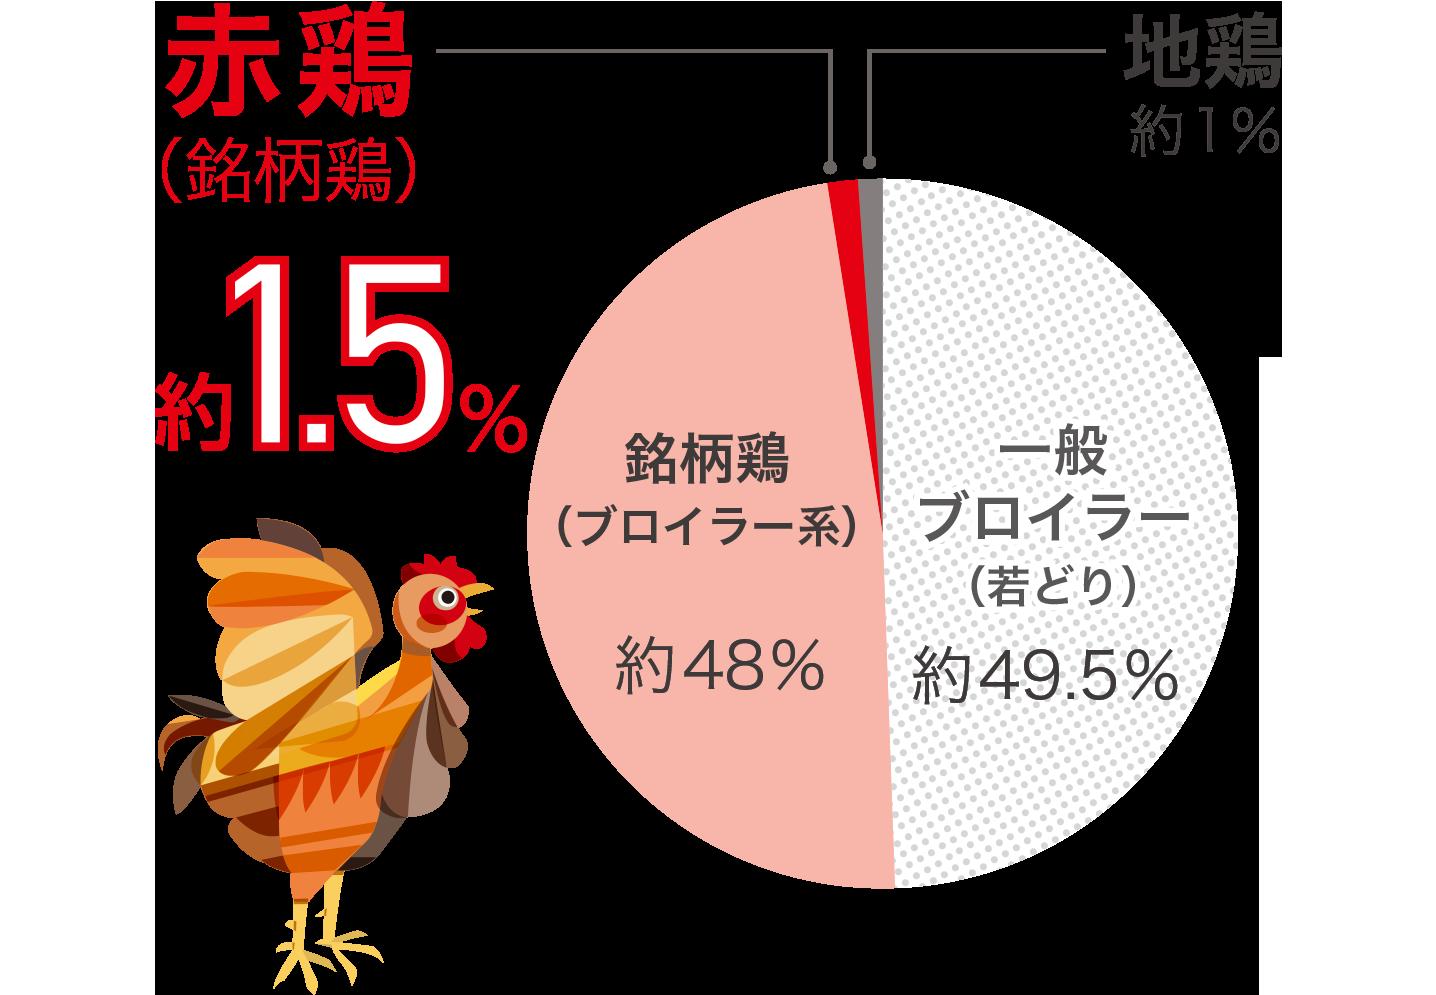 銘柄鶏の国内に占める流通量の割合